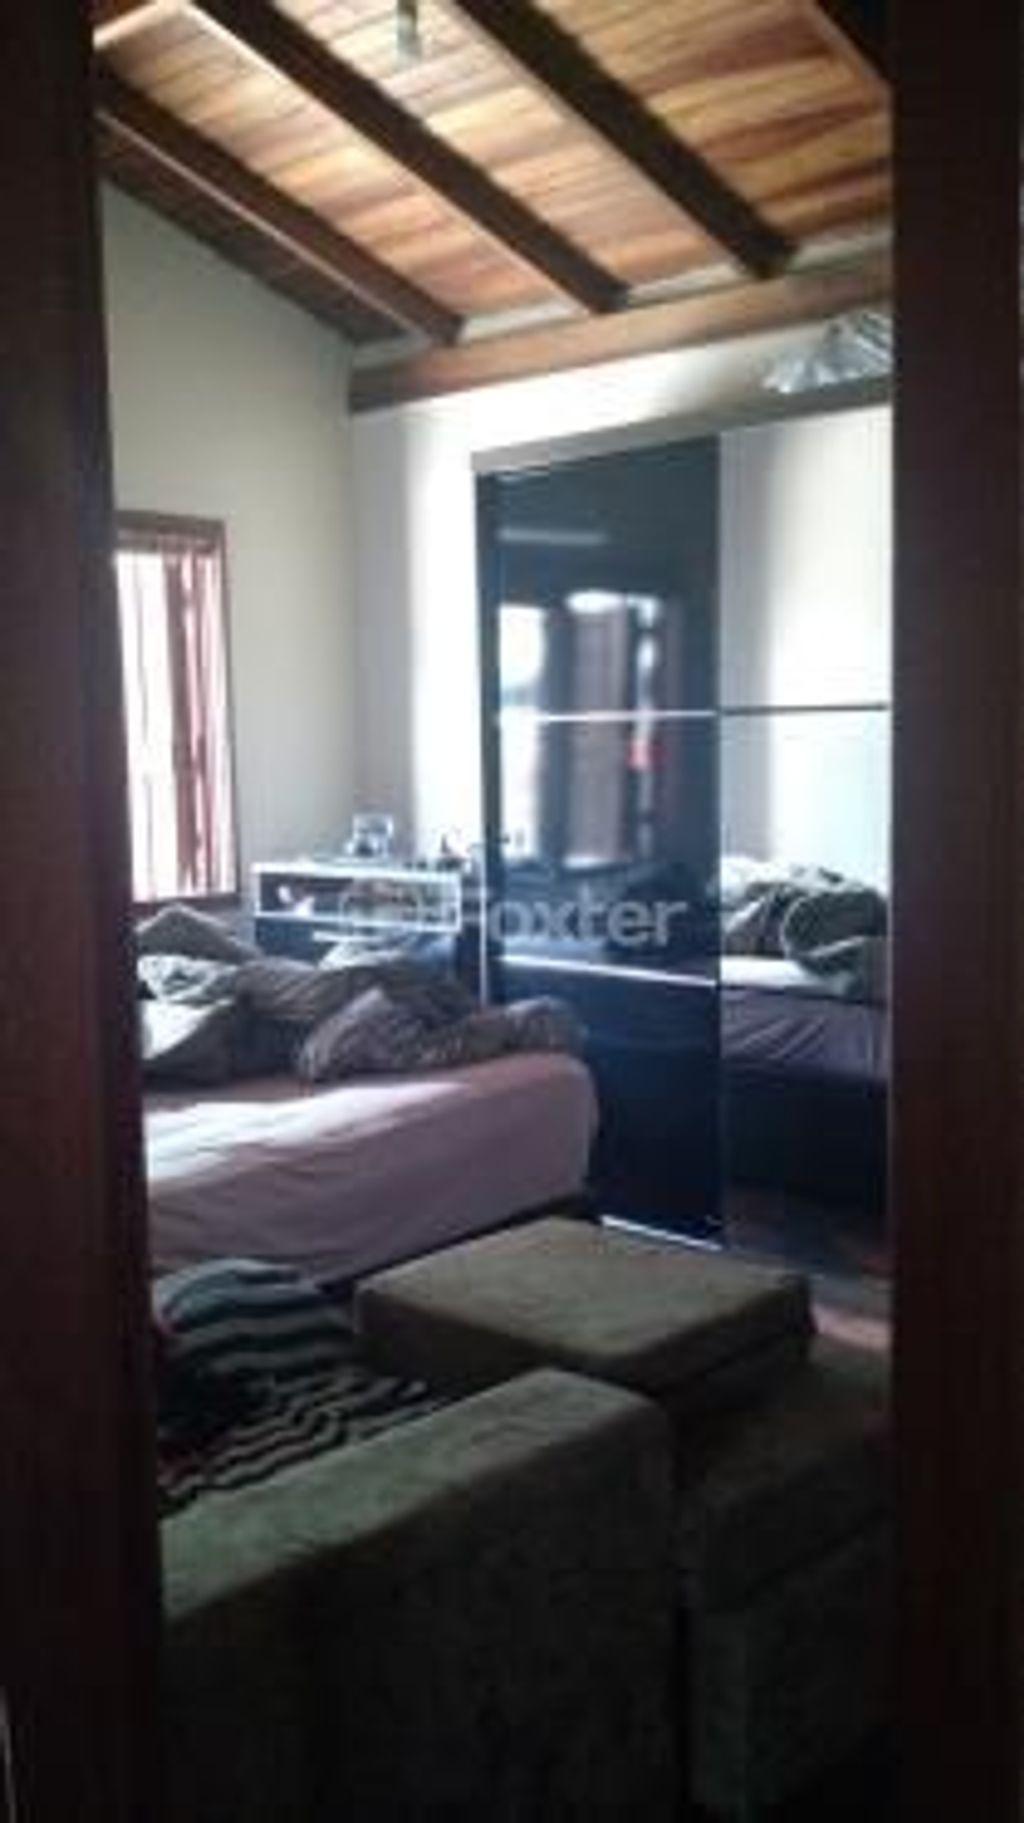 Foxter Imobiliária - Casa 2 Dorm, Centro, Esteio - Foto 2